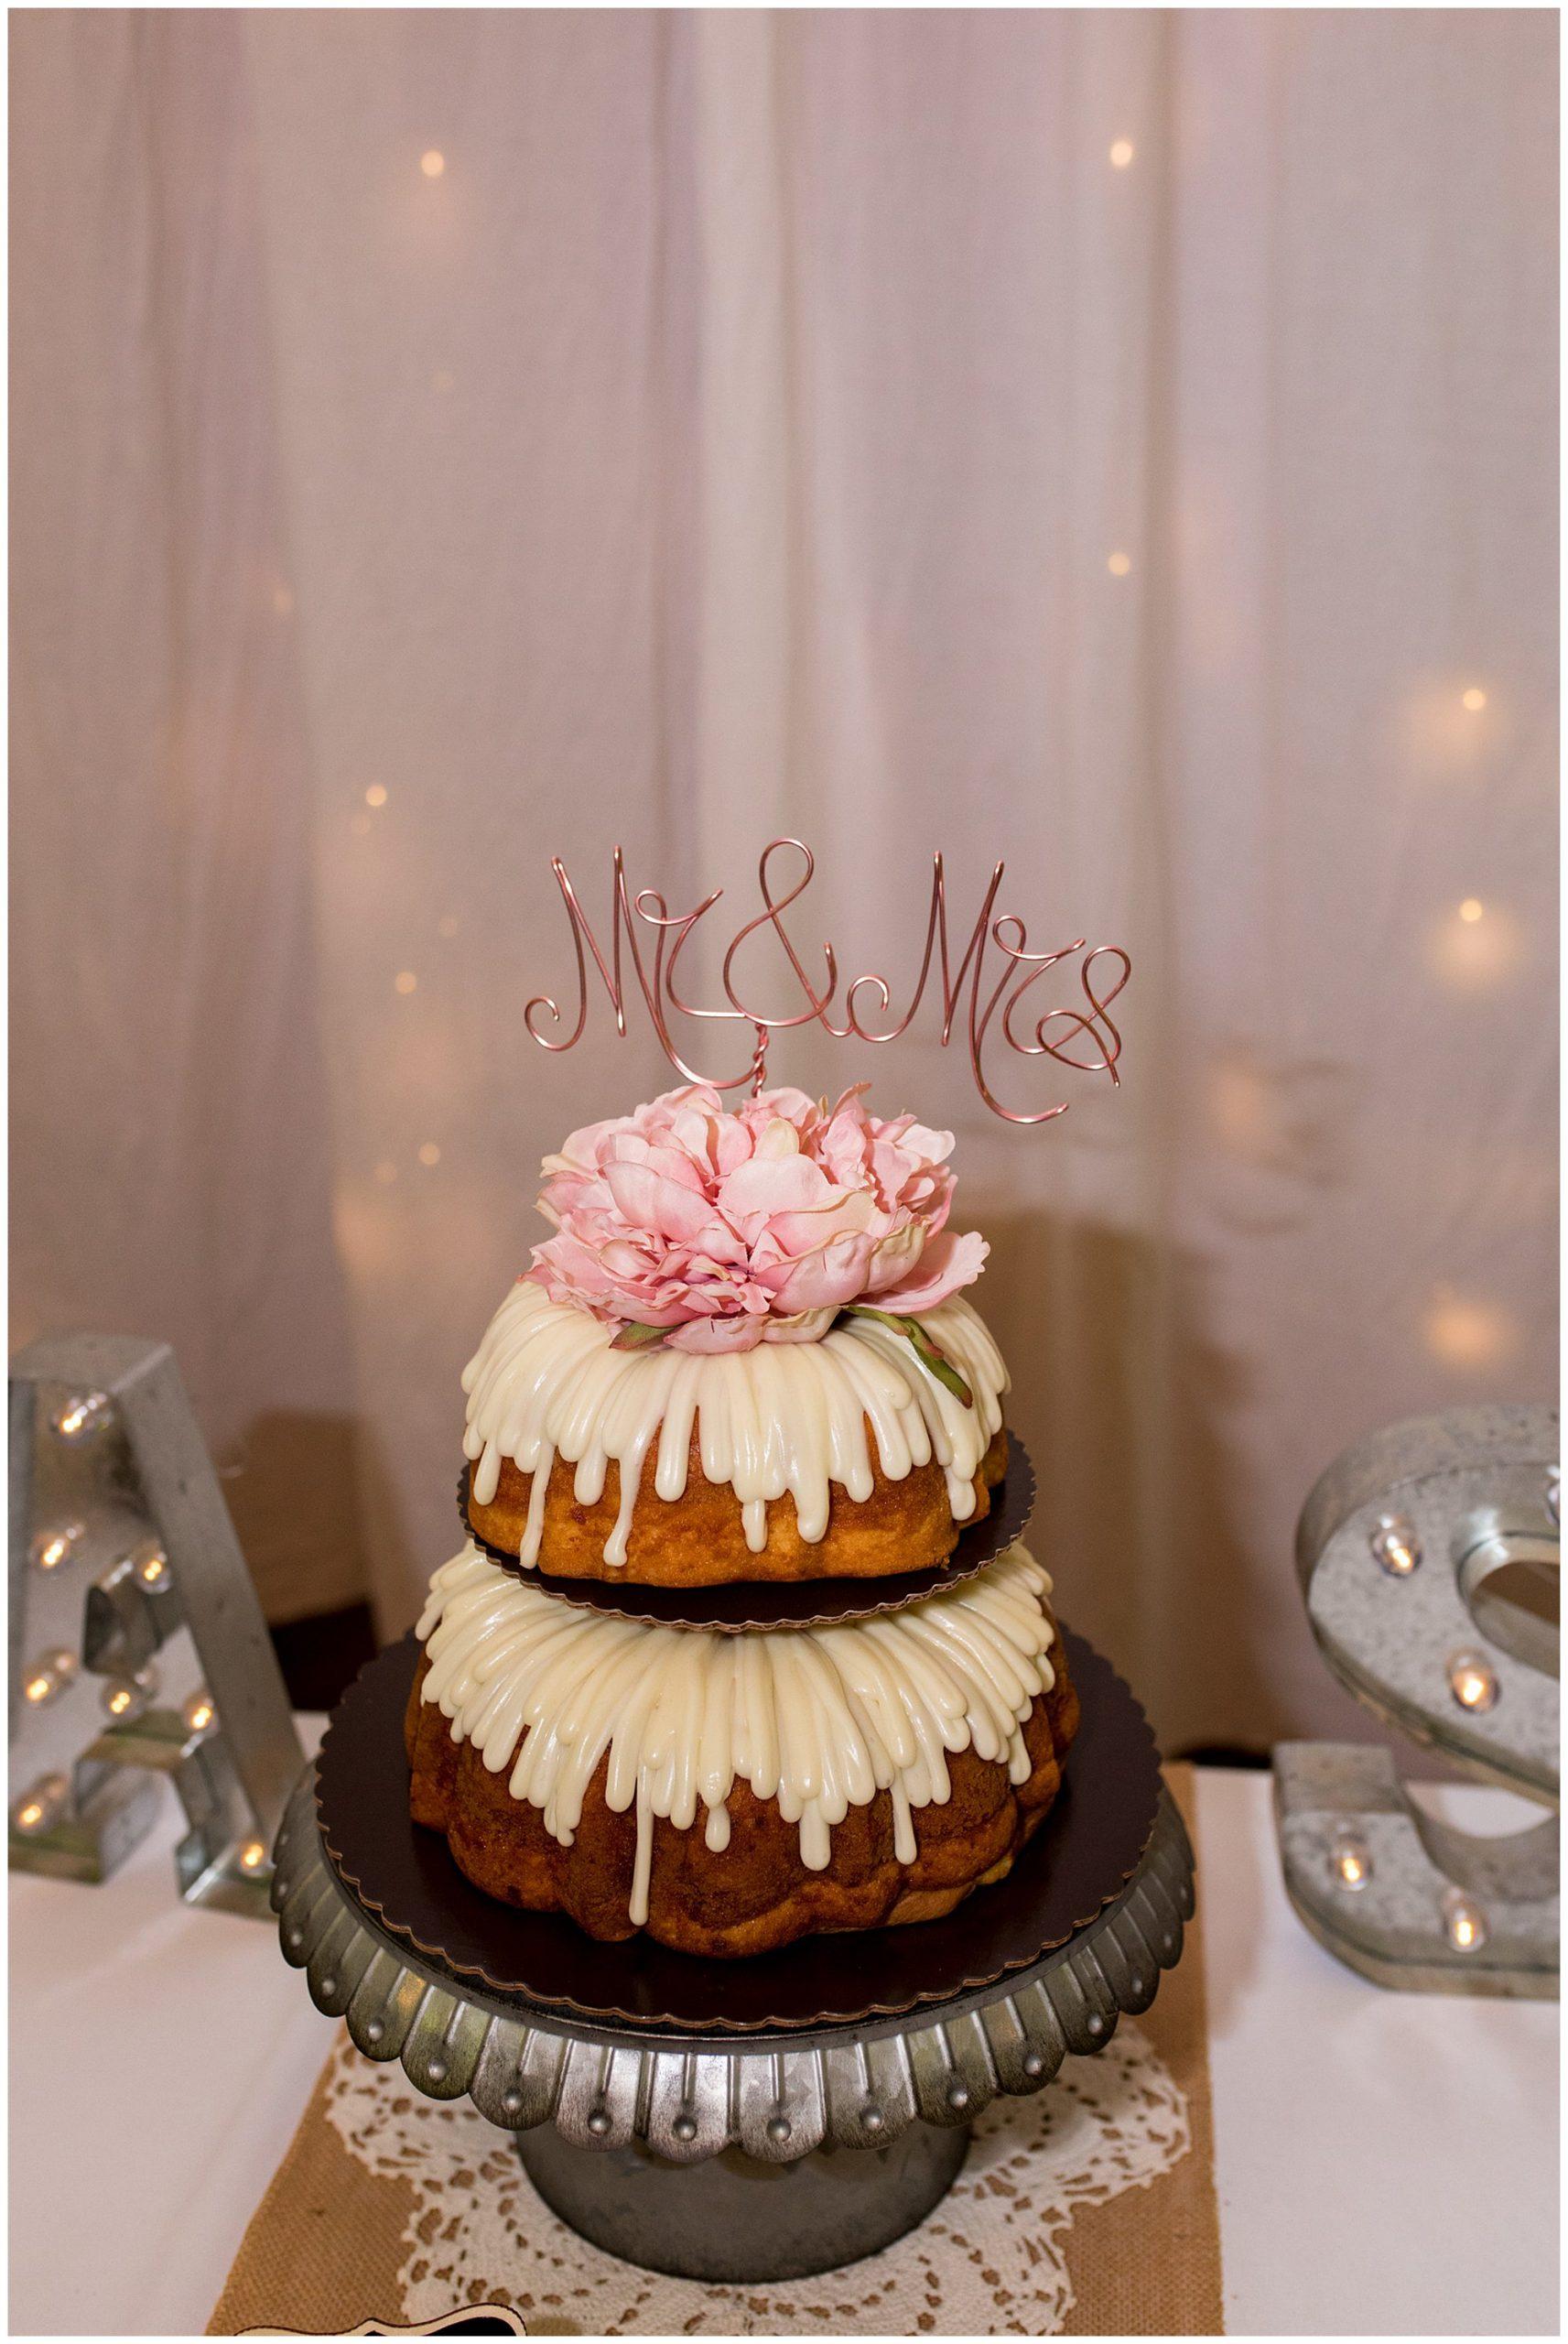 wedding cake from Nothing Bundt Cakes in Fremont Indiana